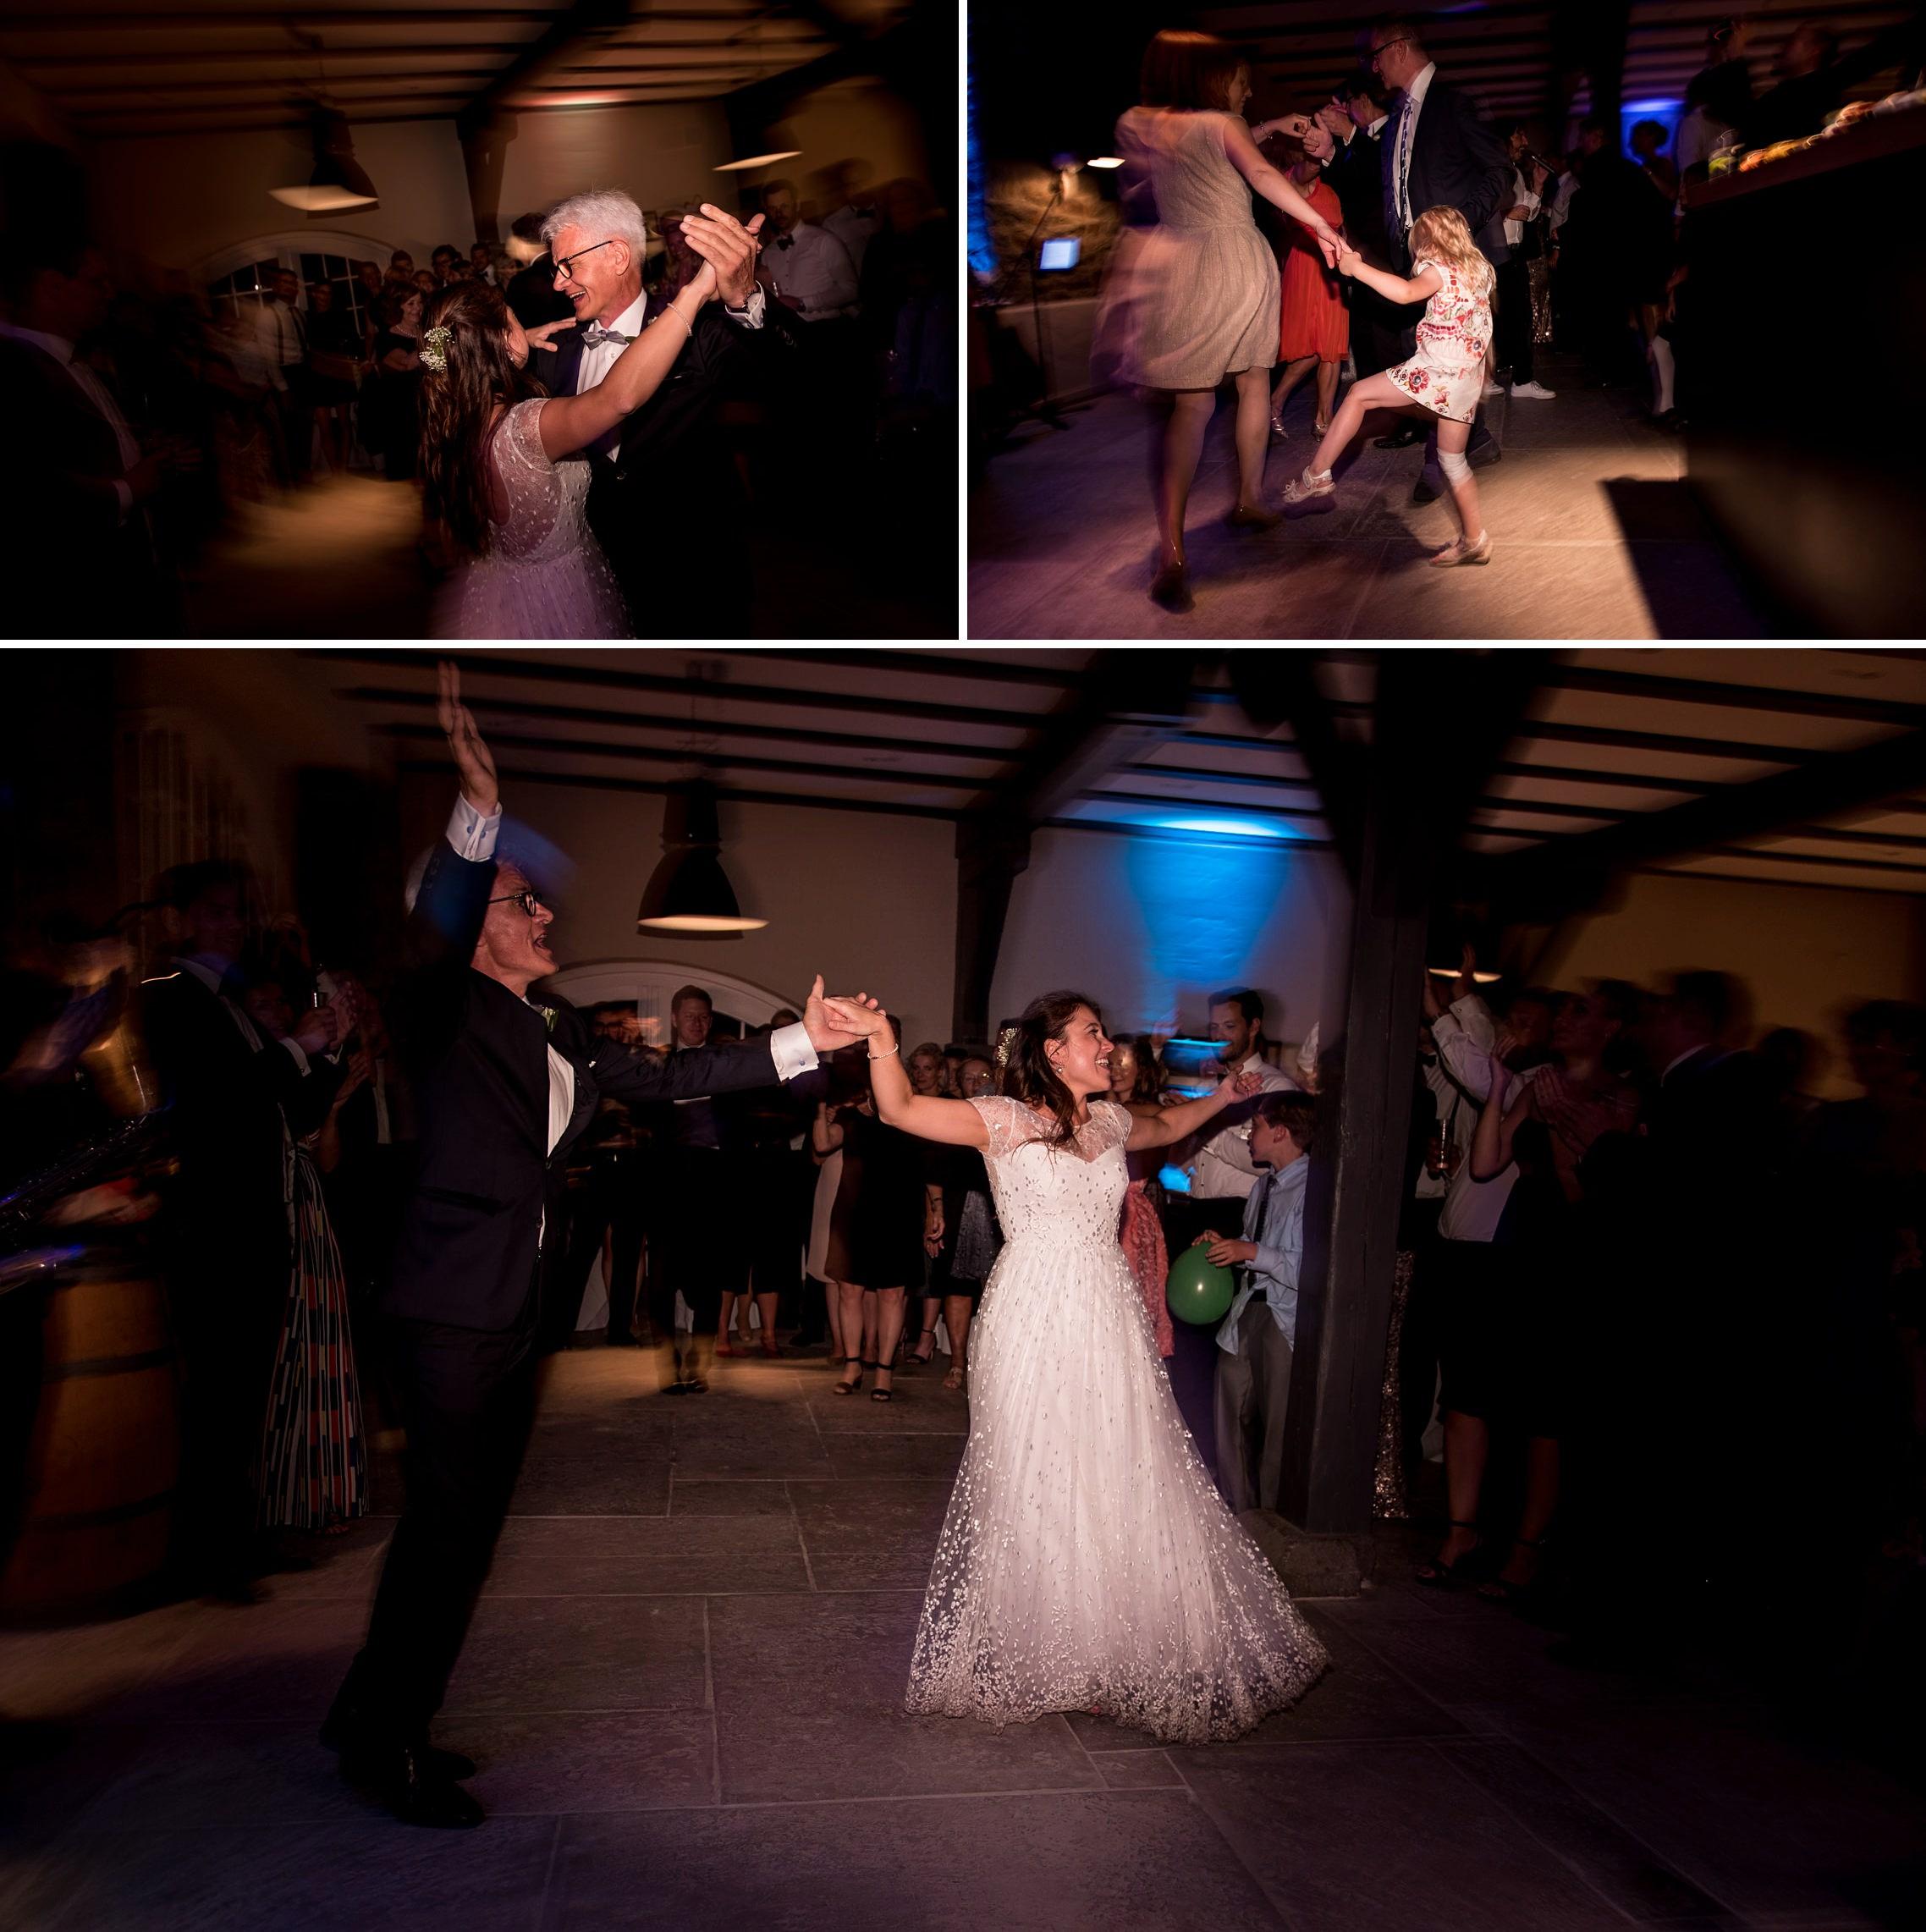 Der Brautvater tanzt mit seiner Tochter.